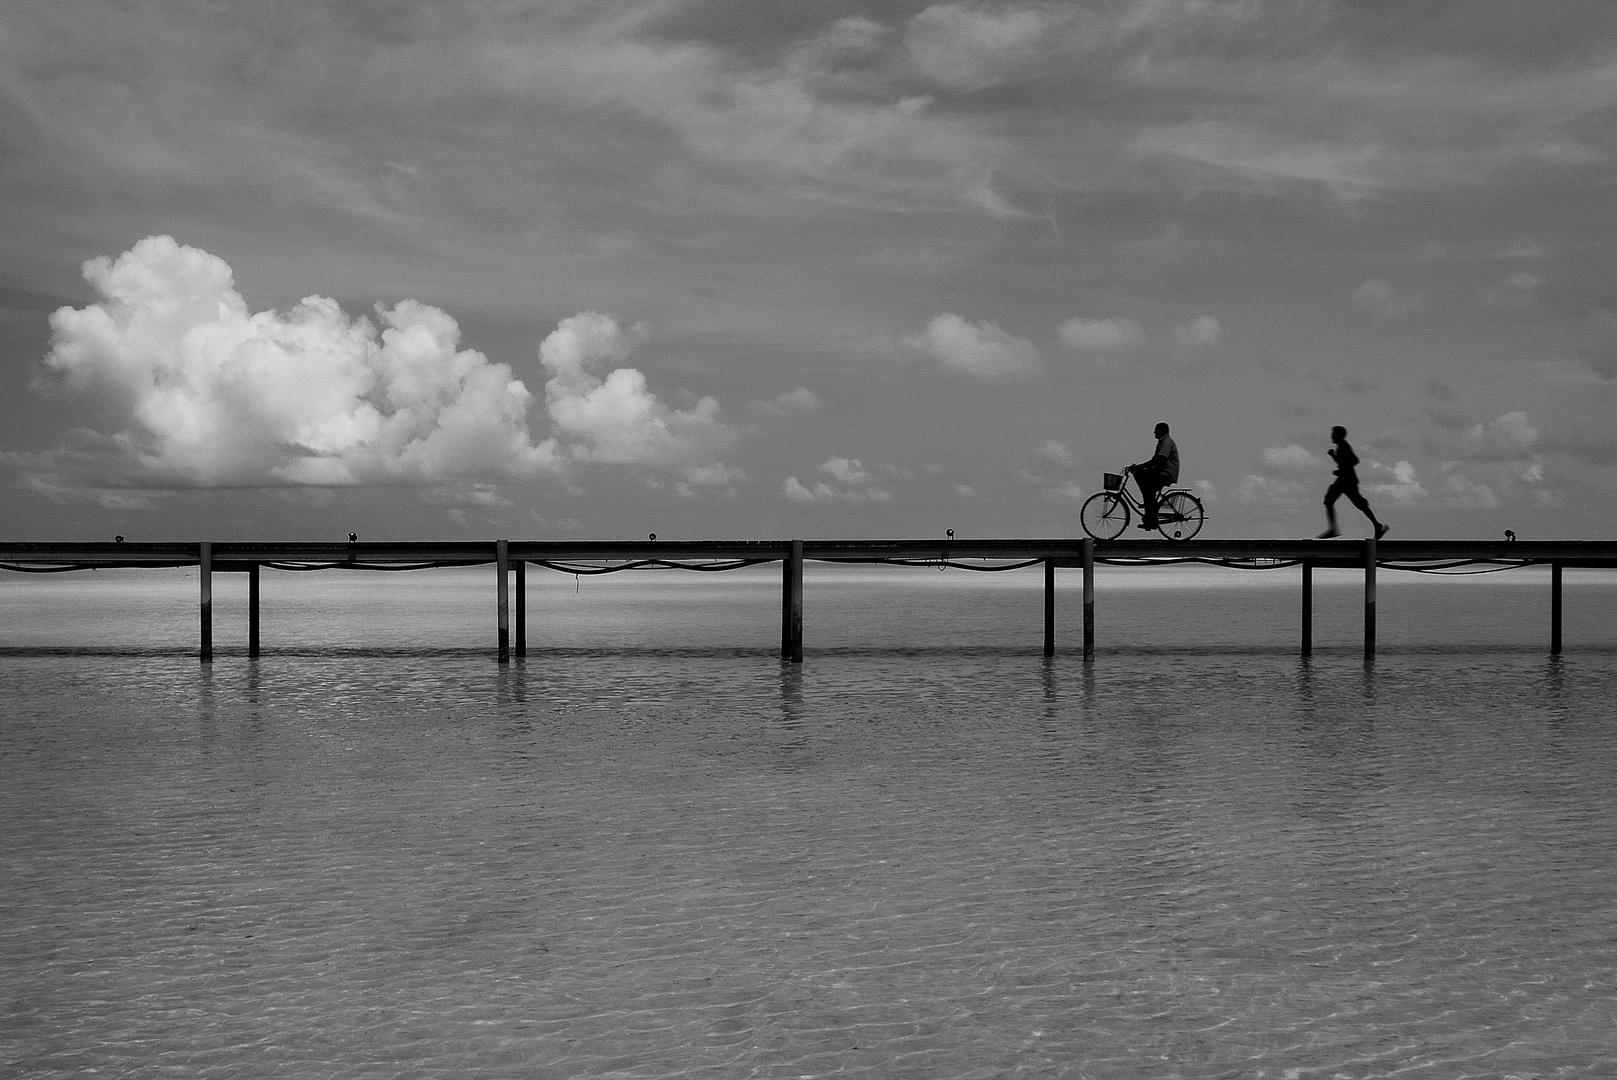 Malediven - Leben mit dem Meer II